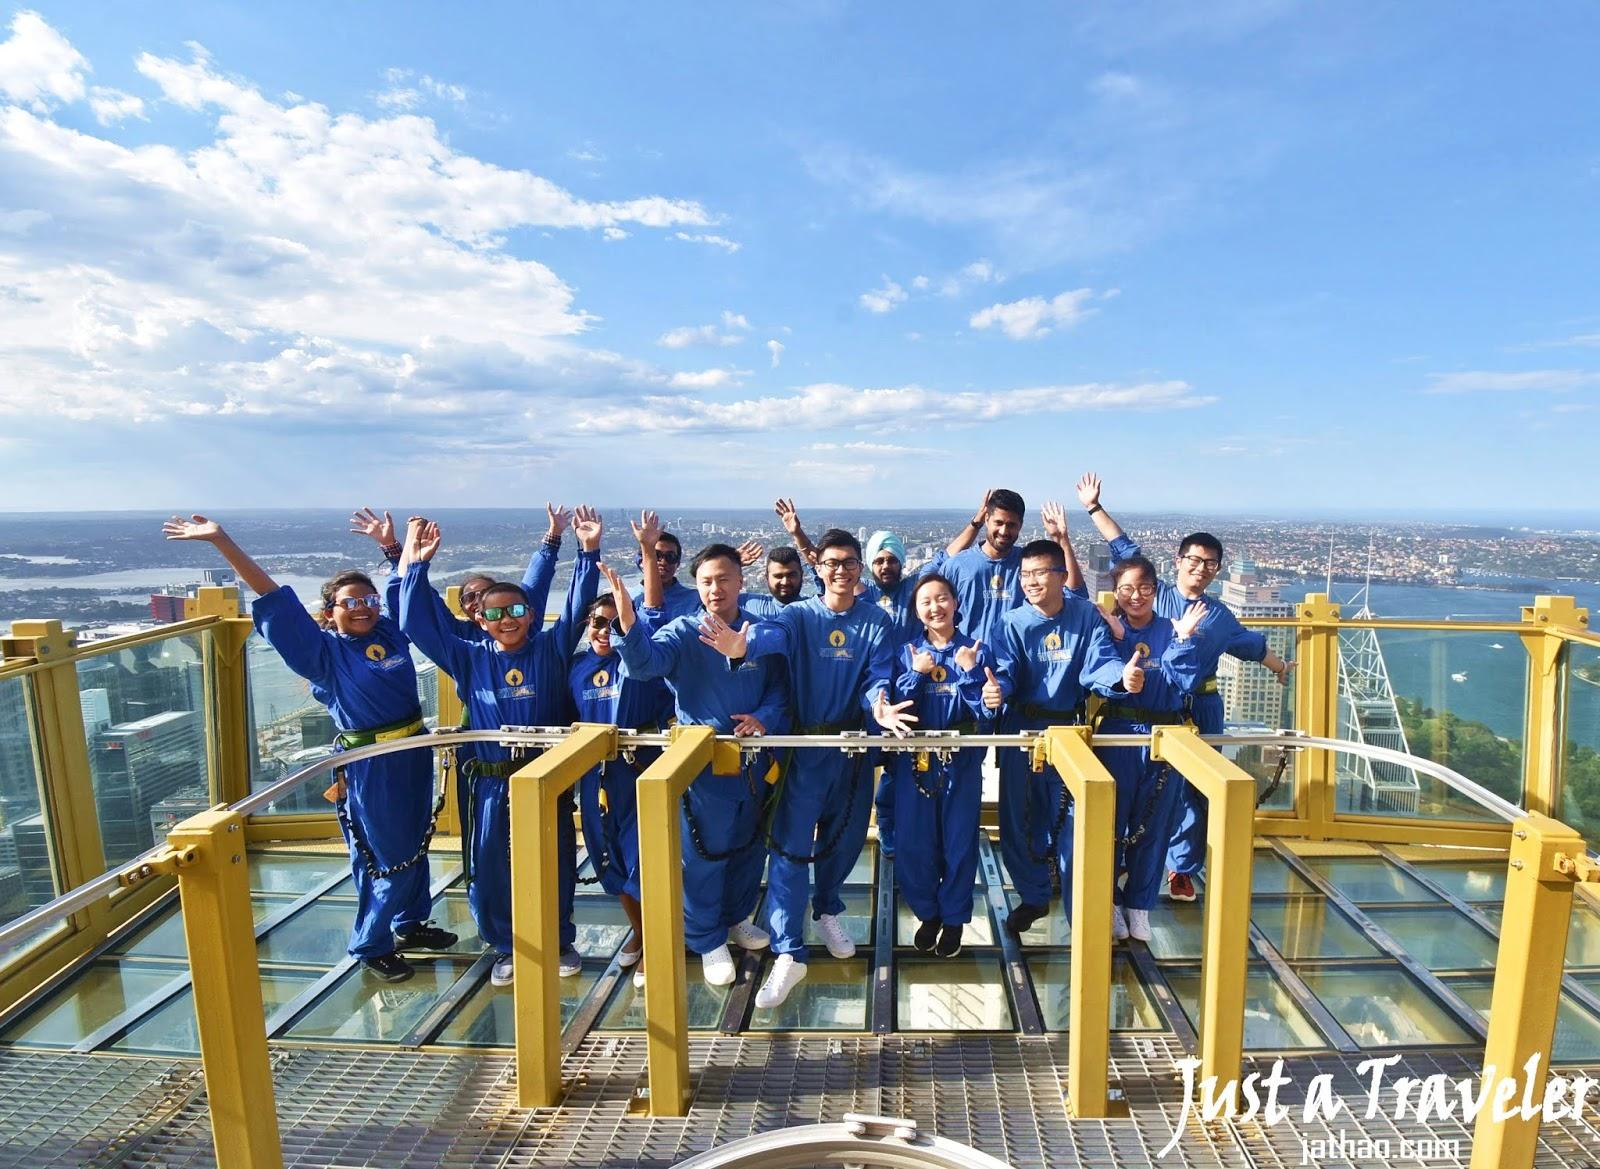 雪梨-悉尼-景點-推薦-雪梨塔-悉尼塔-空中漫步-SKYWALK-優惠券-自由行-套票-旅遊-澳洲-Sydney-Tower-Eye-Tourist-Attraction-Travel-Australia